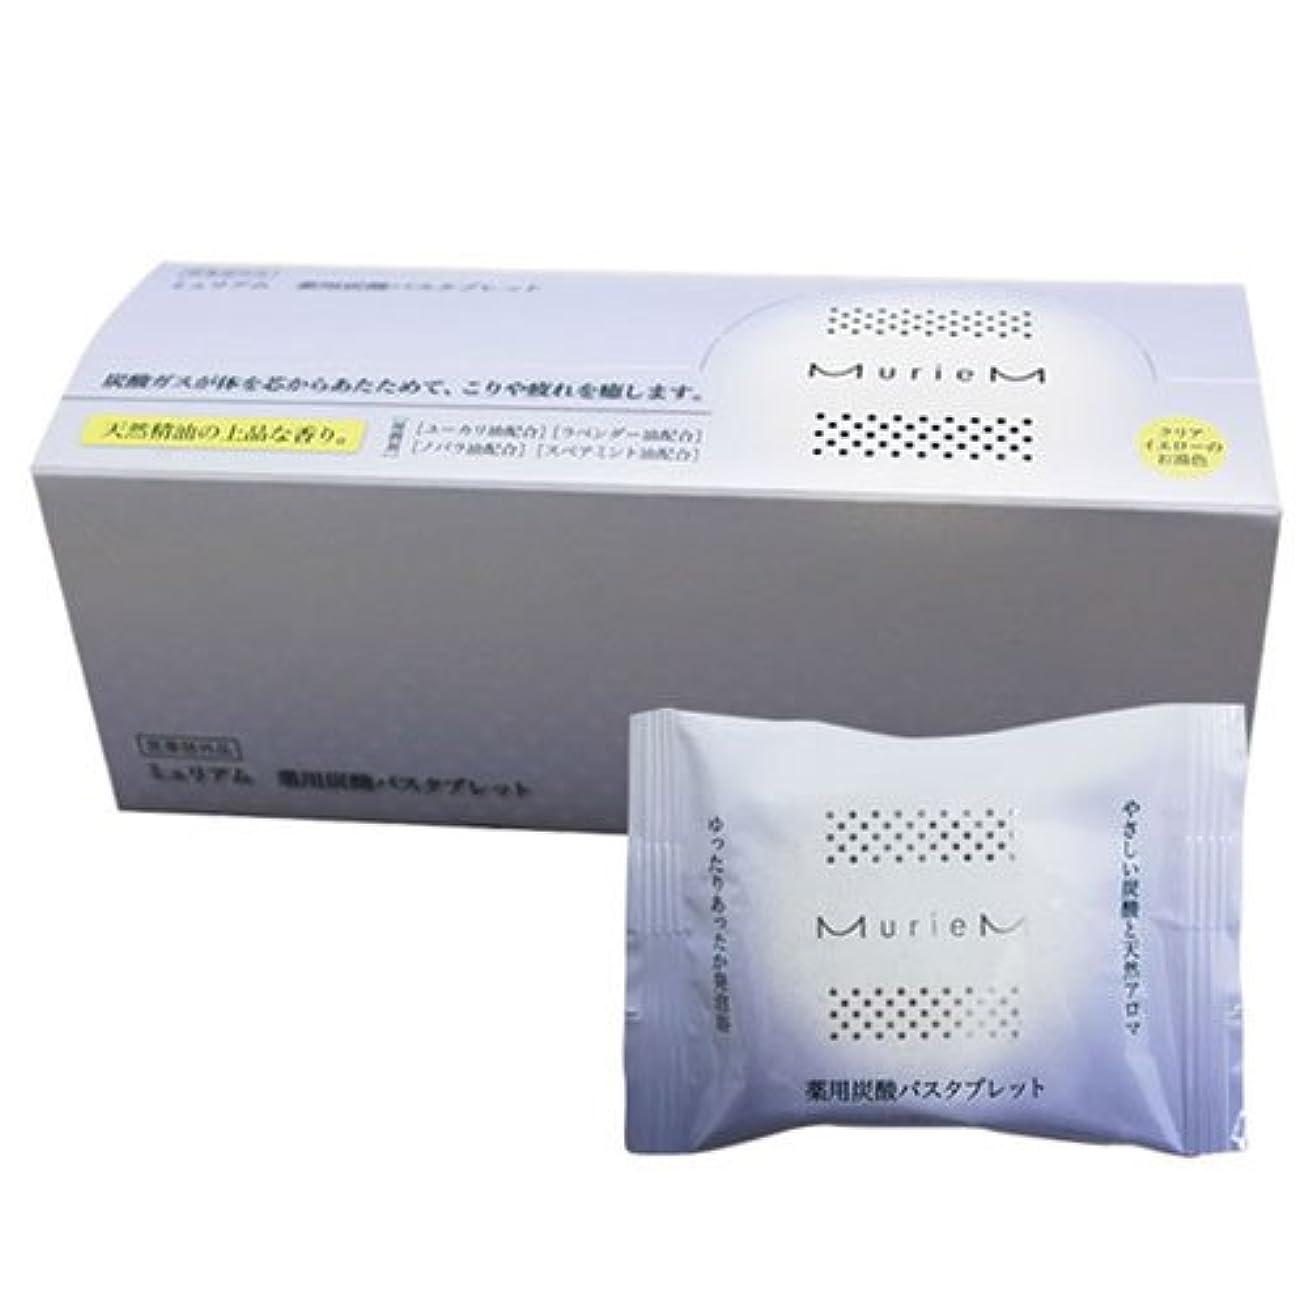 ロマンスキャストフィッティングナンバースリー ミュリアム 薬用炭酸バスタブレット 30g×10包 [医薬部外品]